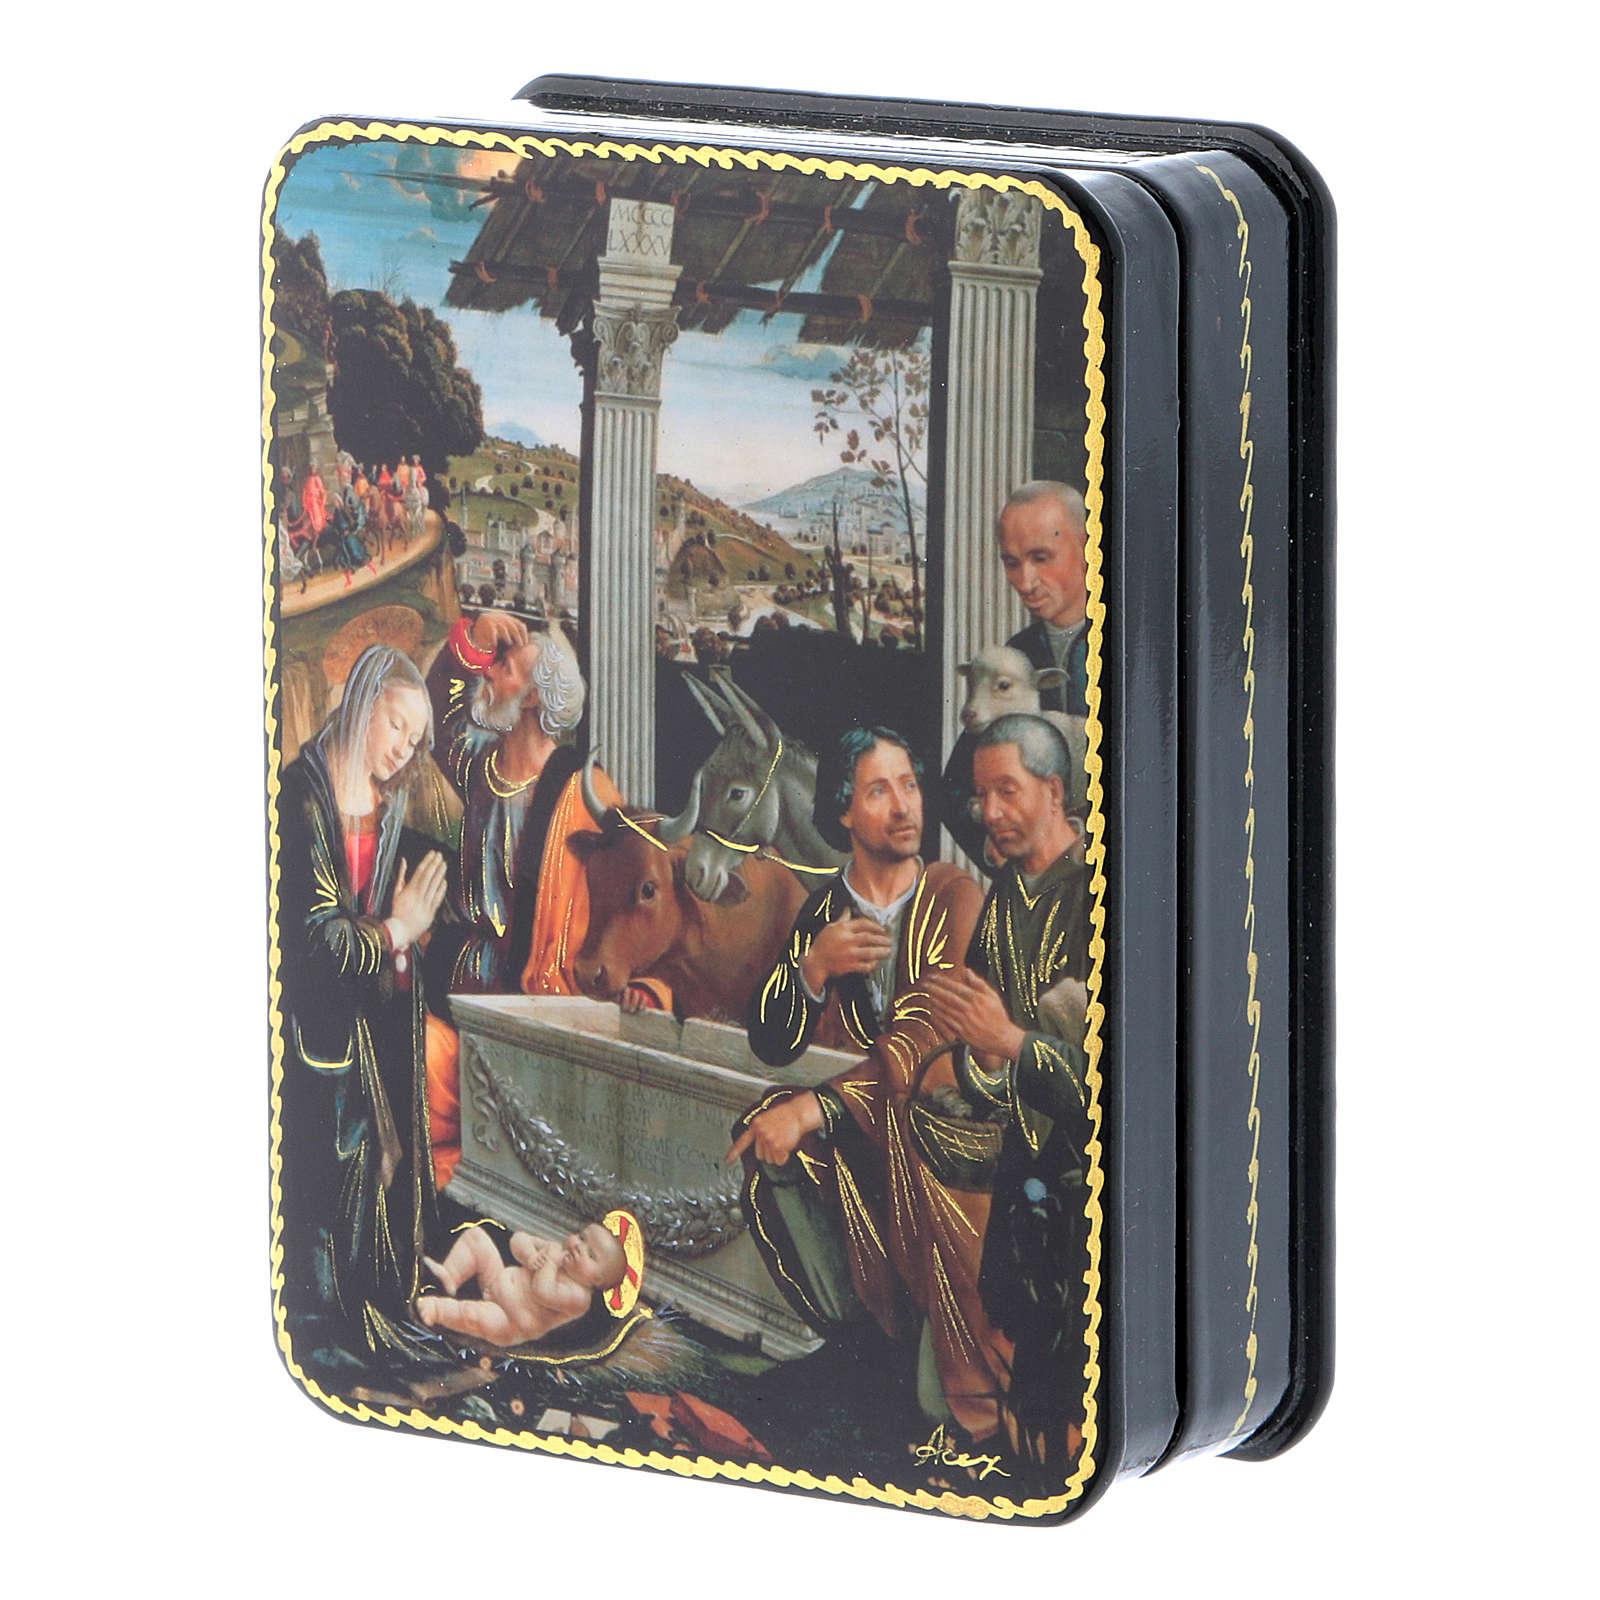 Scatola russa cartapesta L'adorazione dei pastori Fedoskino style 11x8 4